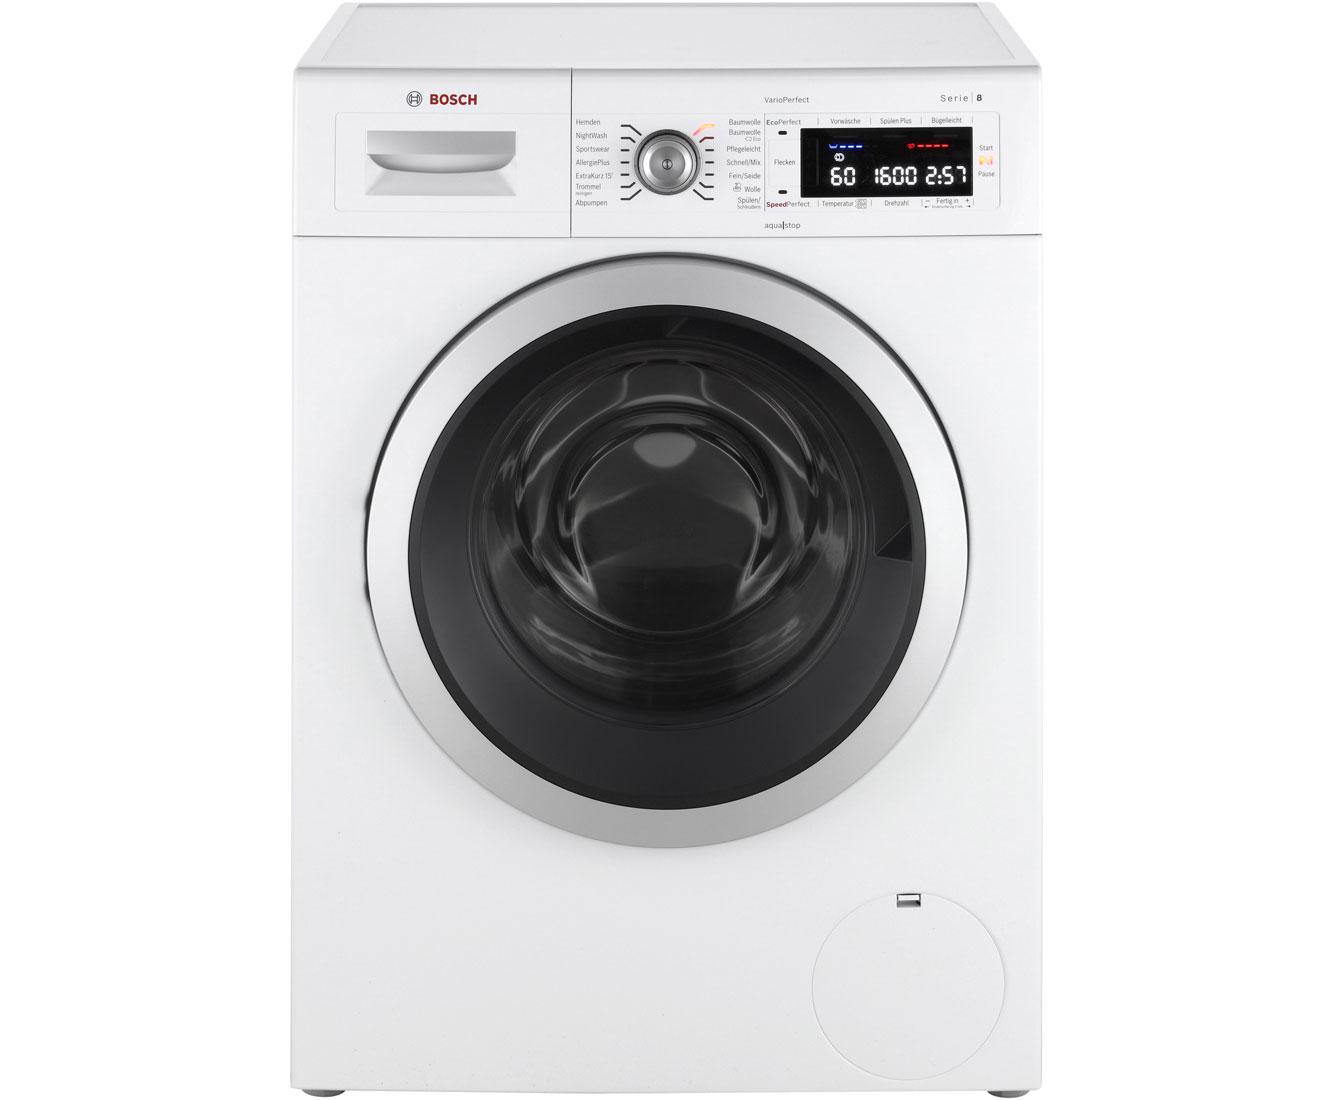 Bosch Serie 8 Waschmaschine Waw32541 Frontlader Ao De